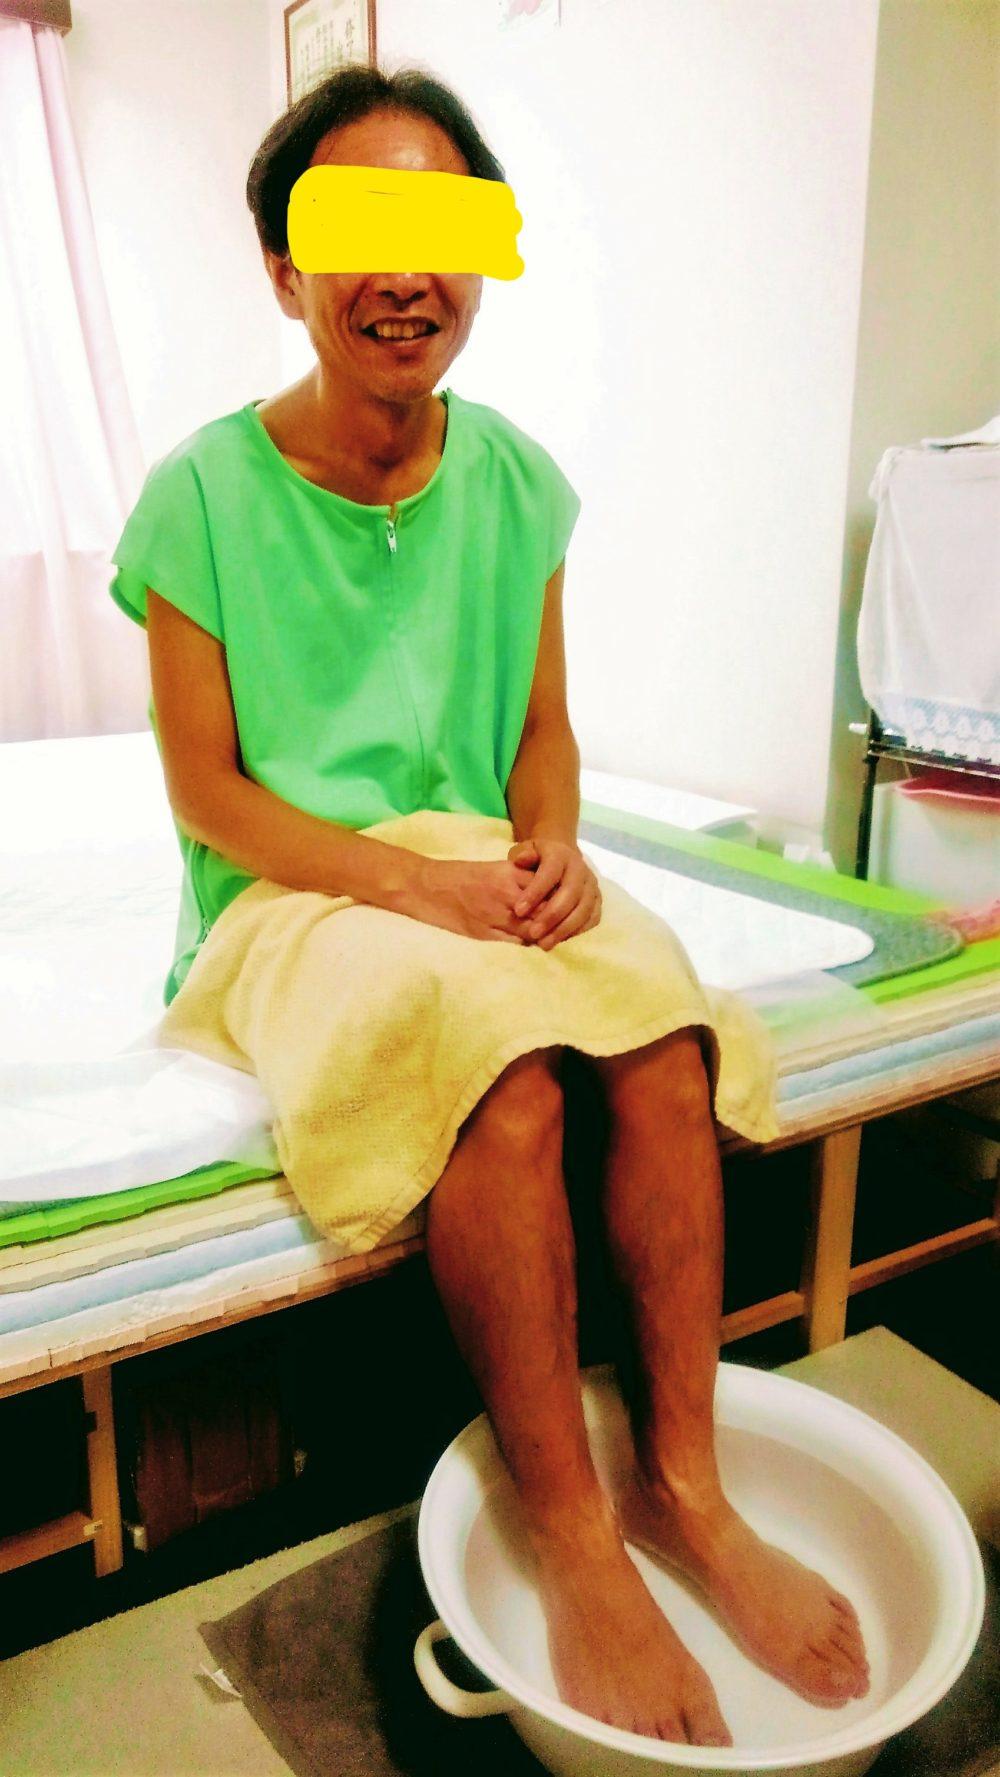 川崎駅前整体院 ハーモニー回復院でアロママッサージ&巻き爪矯正が出来る